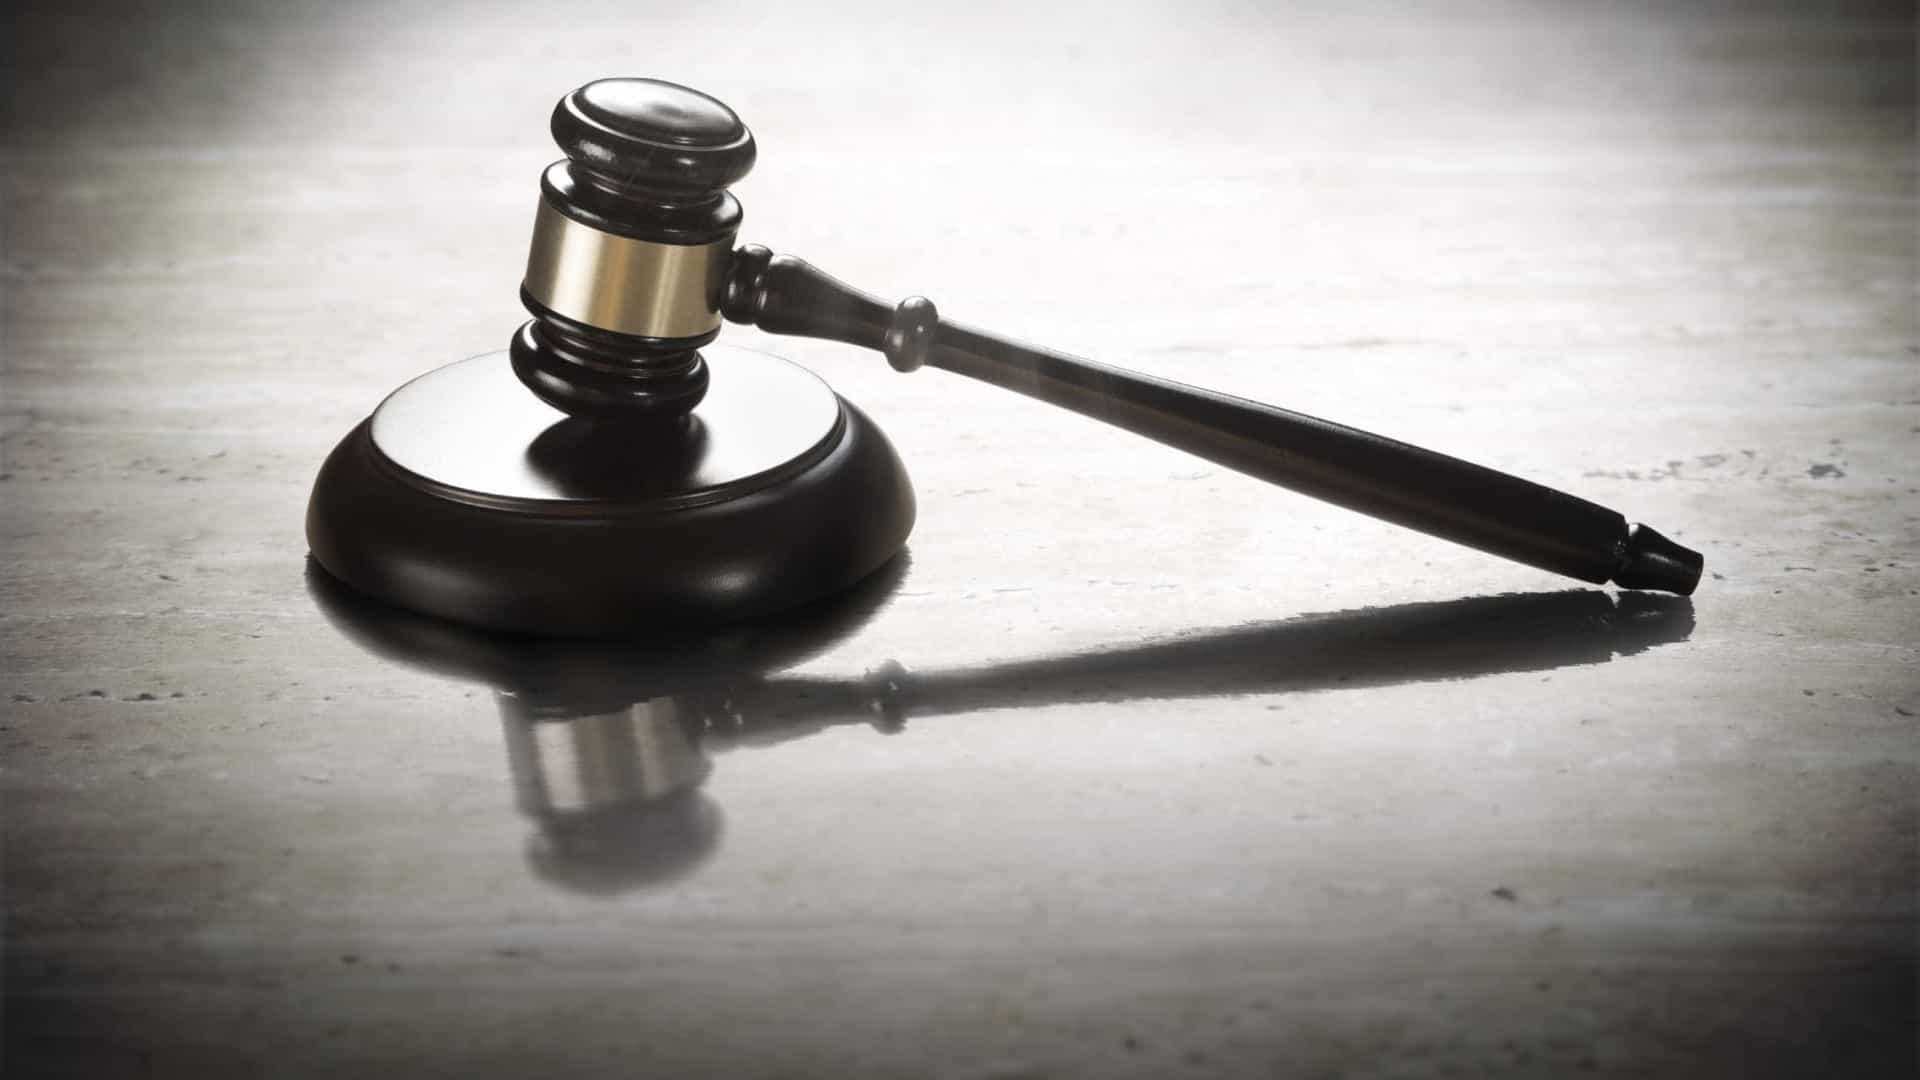 Tribunal adia sentença a liquidatários judiciais acusados de peculato